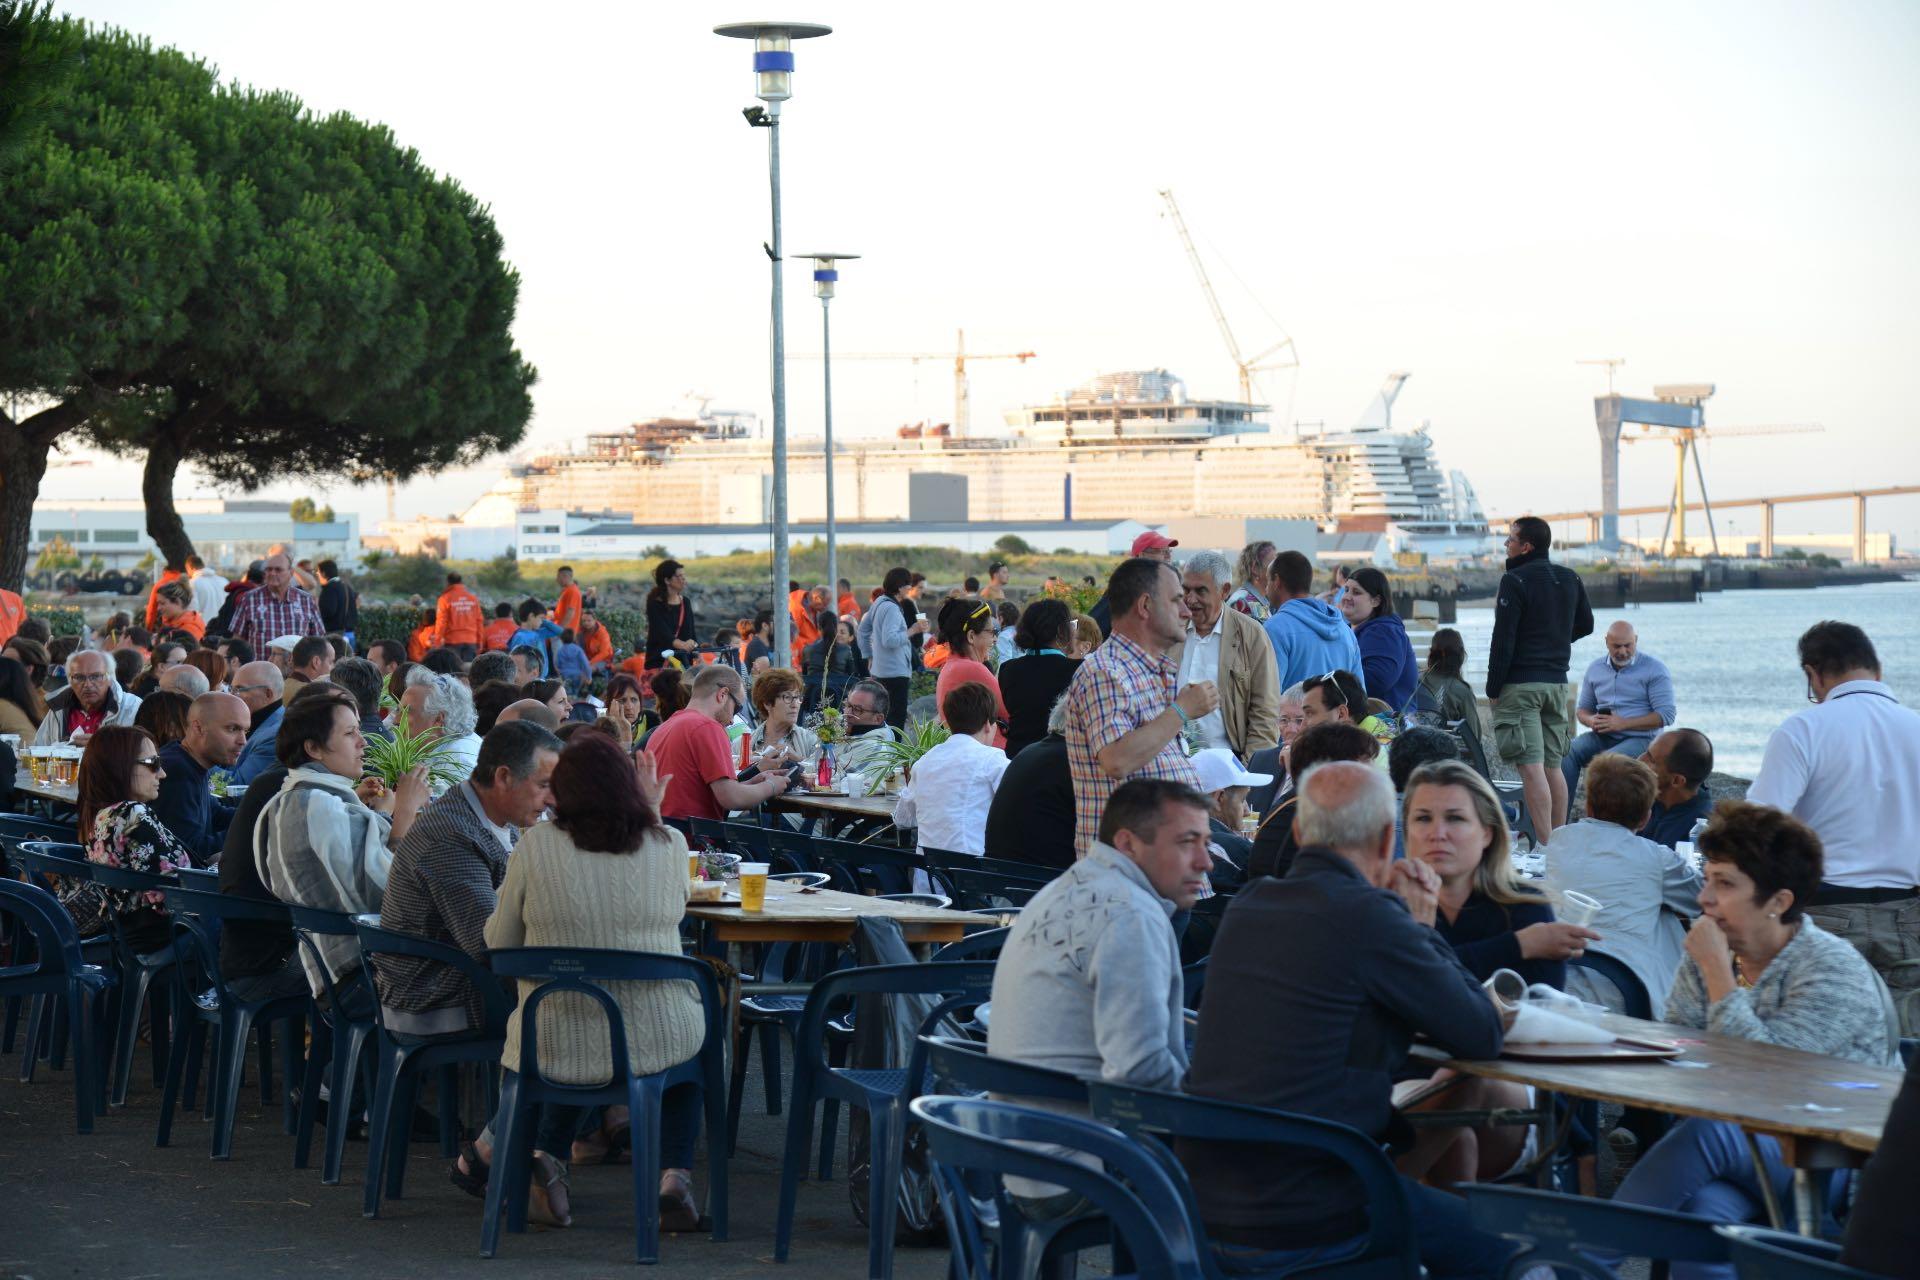 Bonne humeur et ambiance familiale autour de la Halle sud sur le port de Saint-Nazaire.